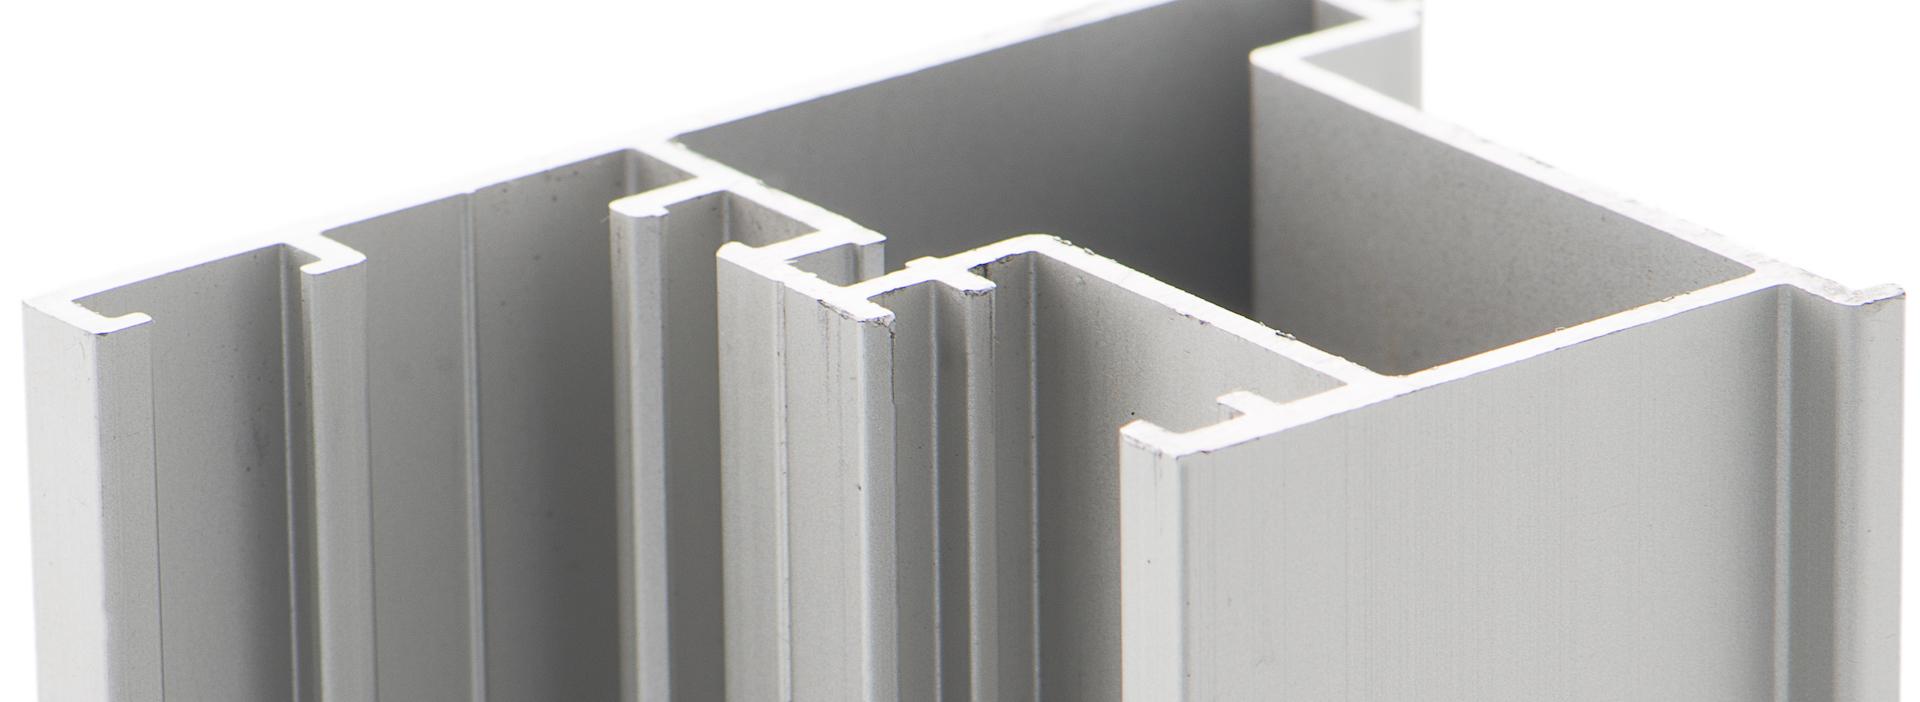 Aluminium extrusie | Mepro